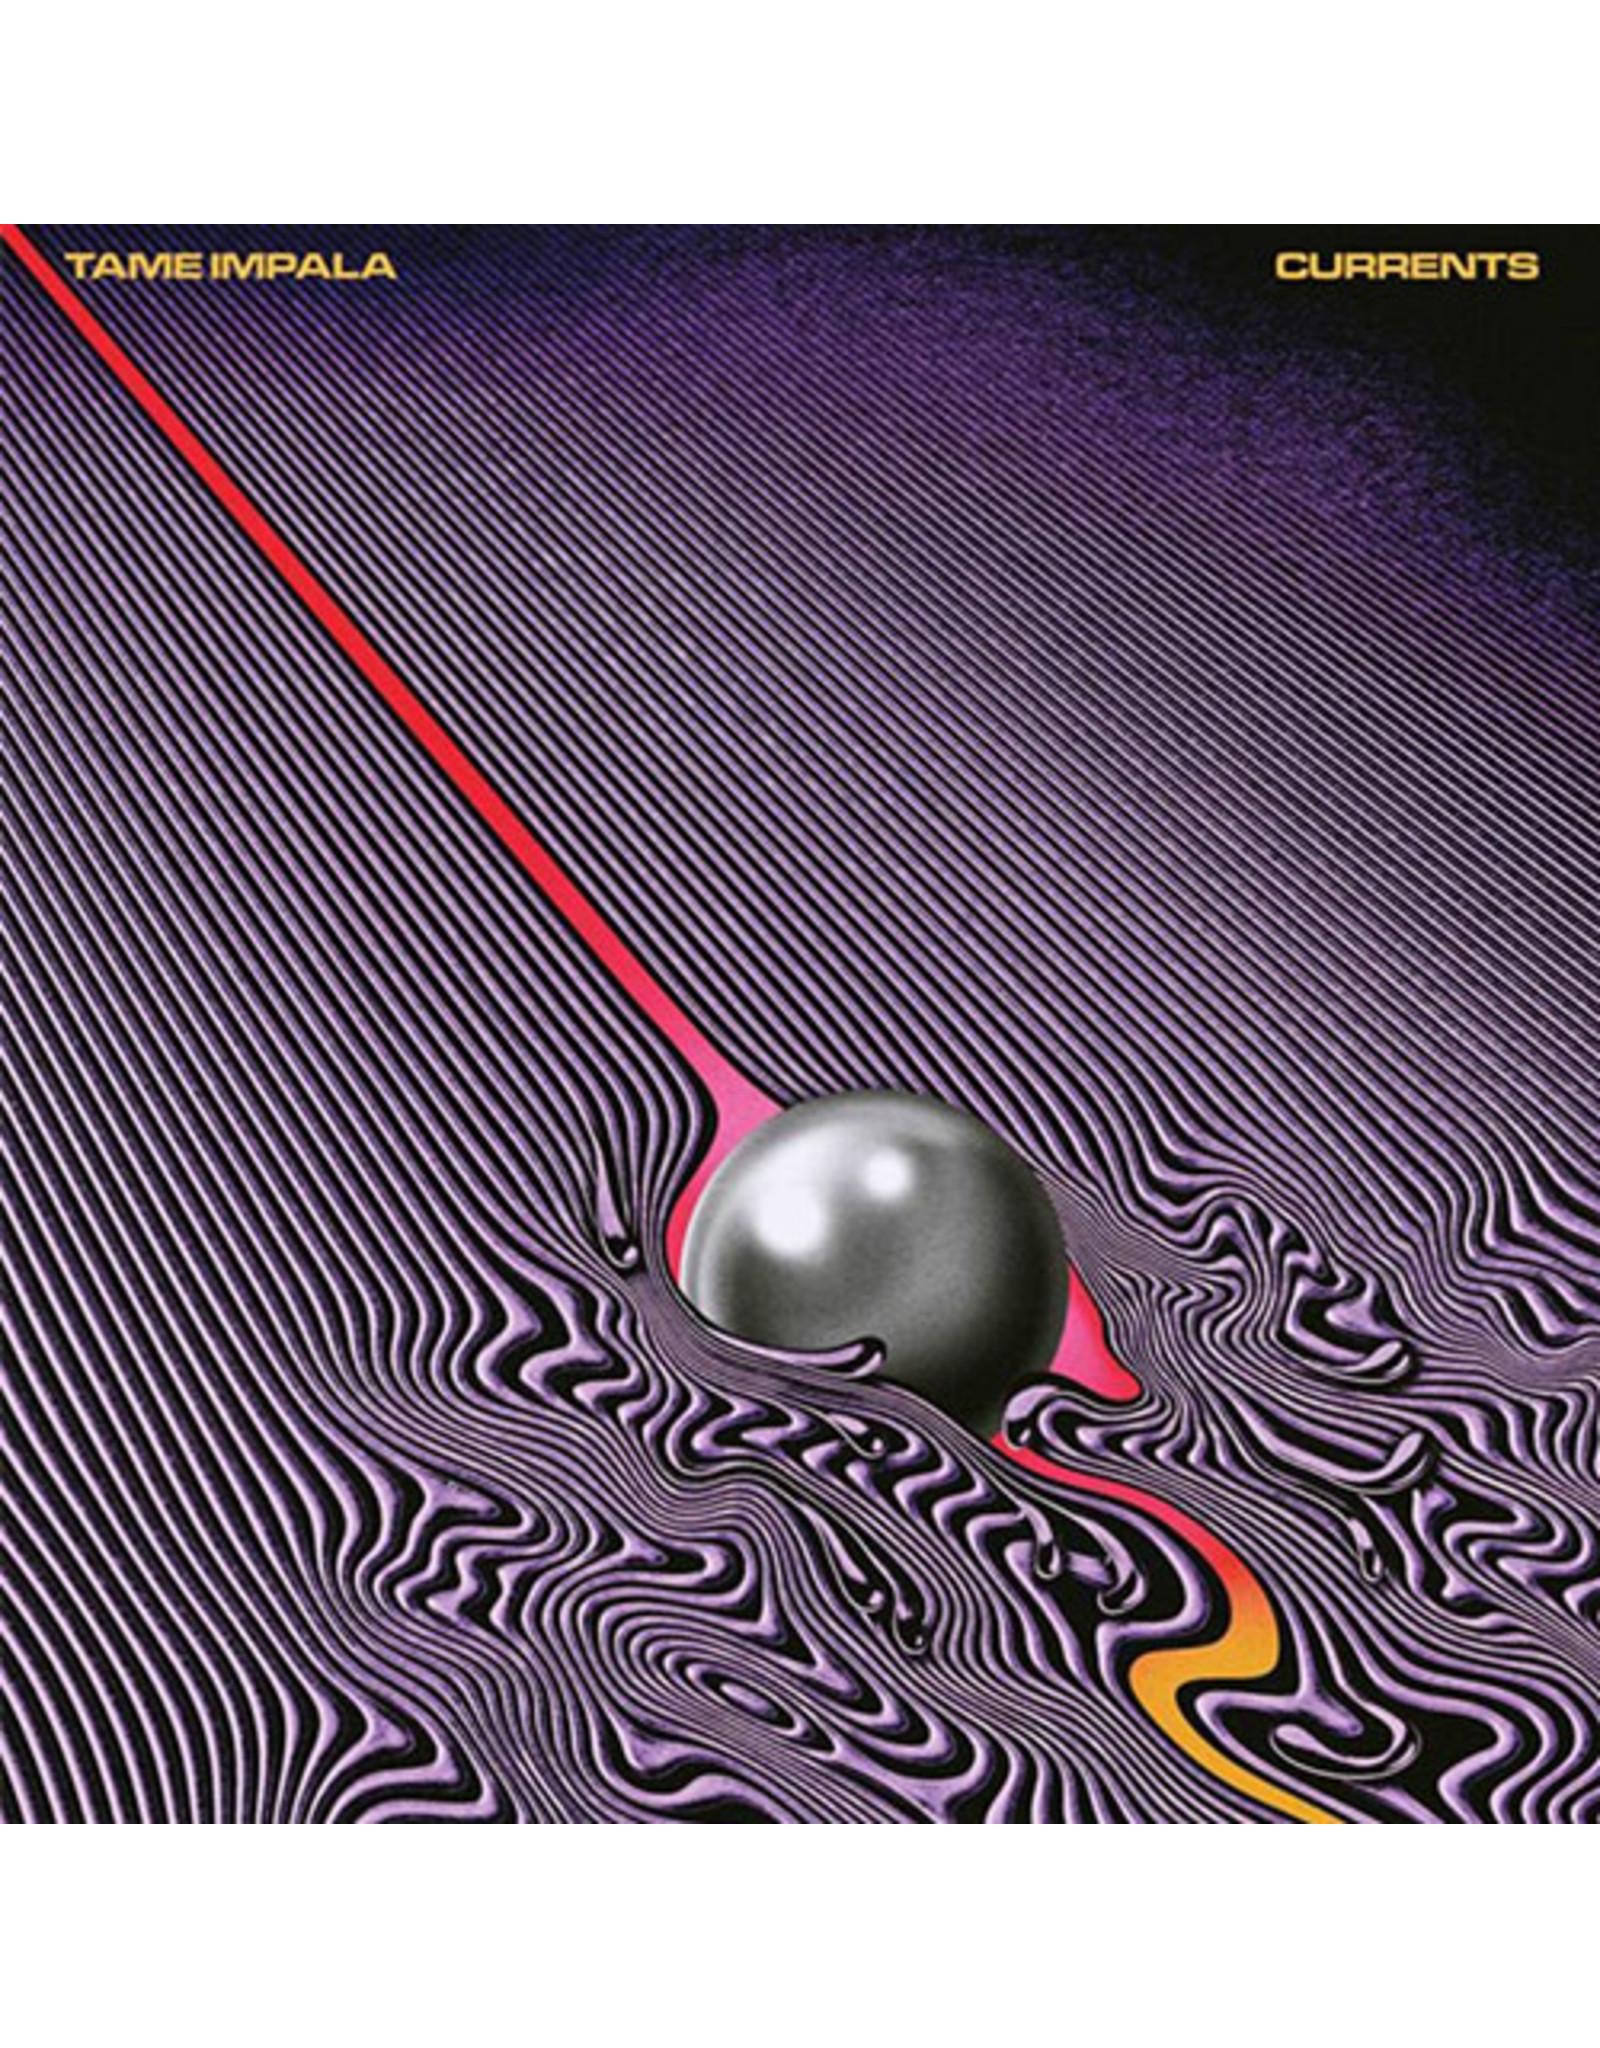 Modular Tame Impala: Currents LP